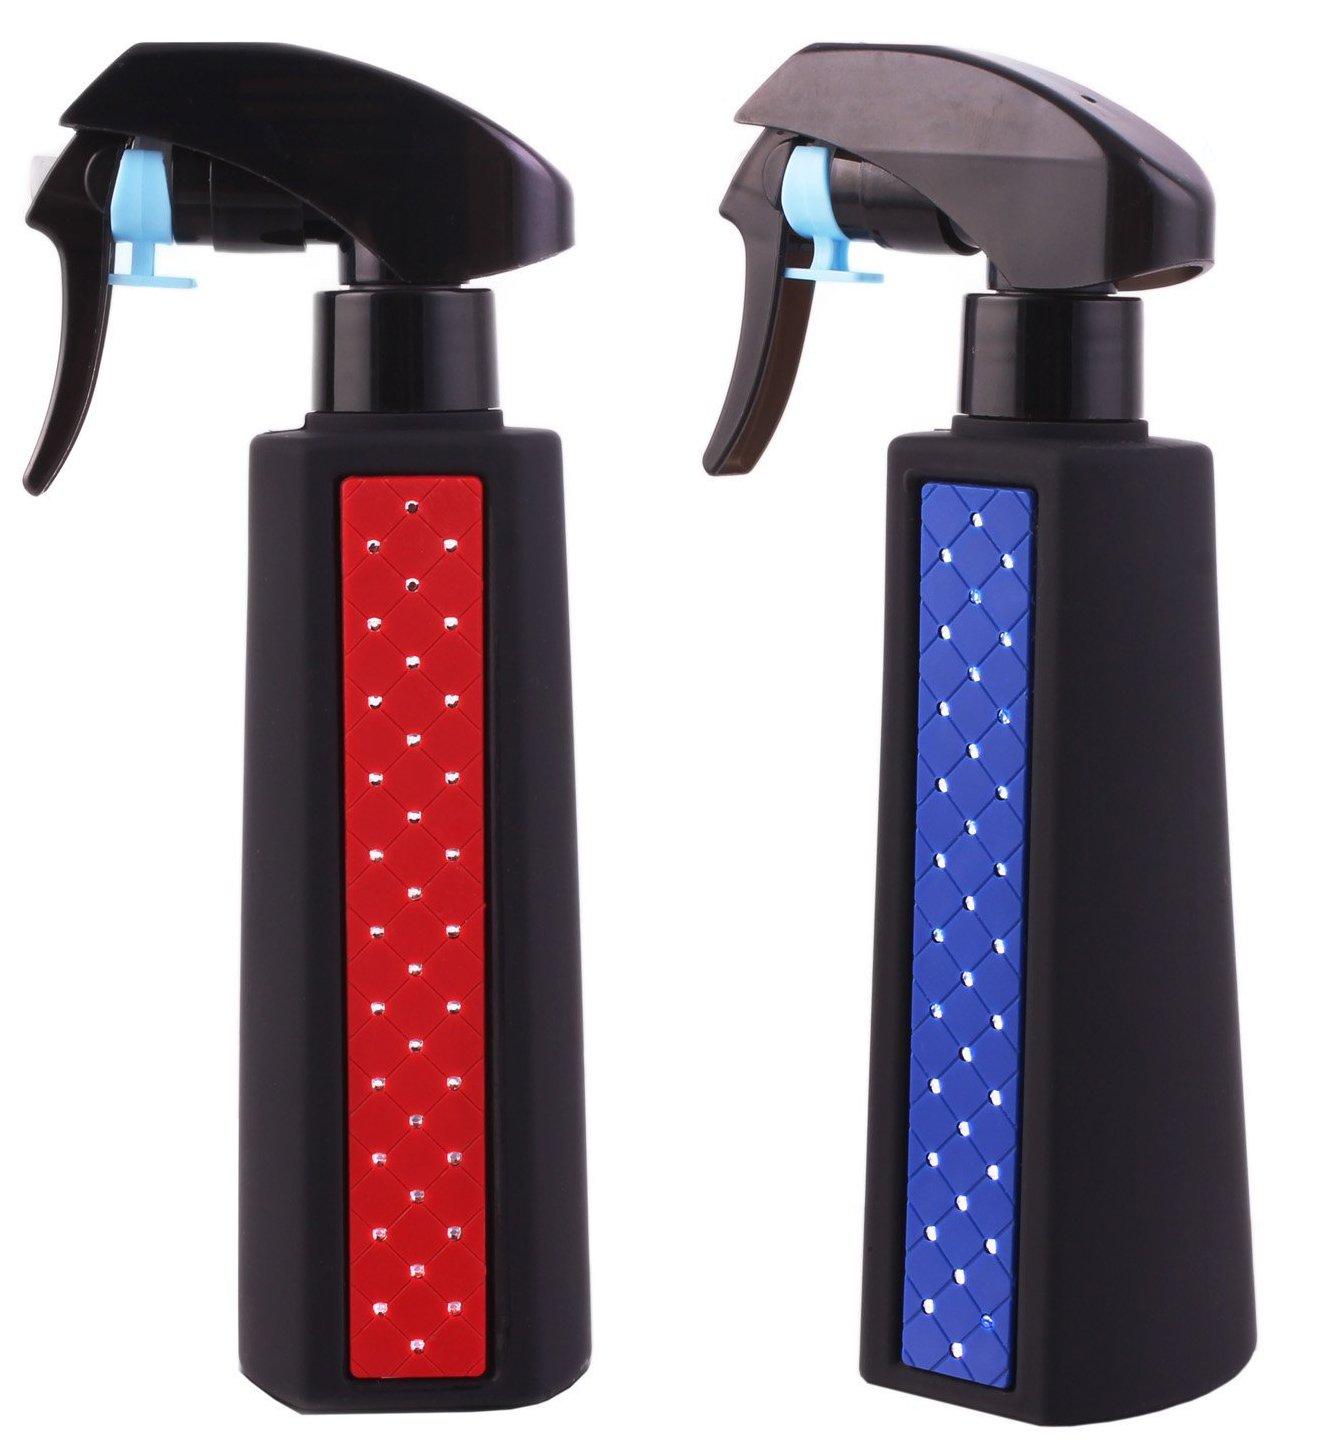 Flacone Spray per Parrucchiere Spruzzatore con Nebulizzatore – 270 ml, con superficie coperta di strass di cristallo (Confezione da 2) Perfe Hair SP005-2